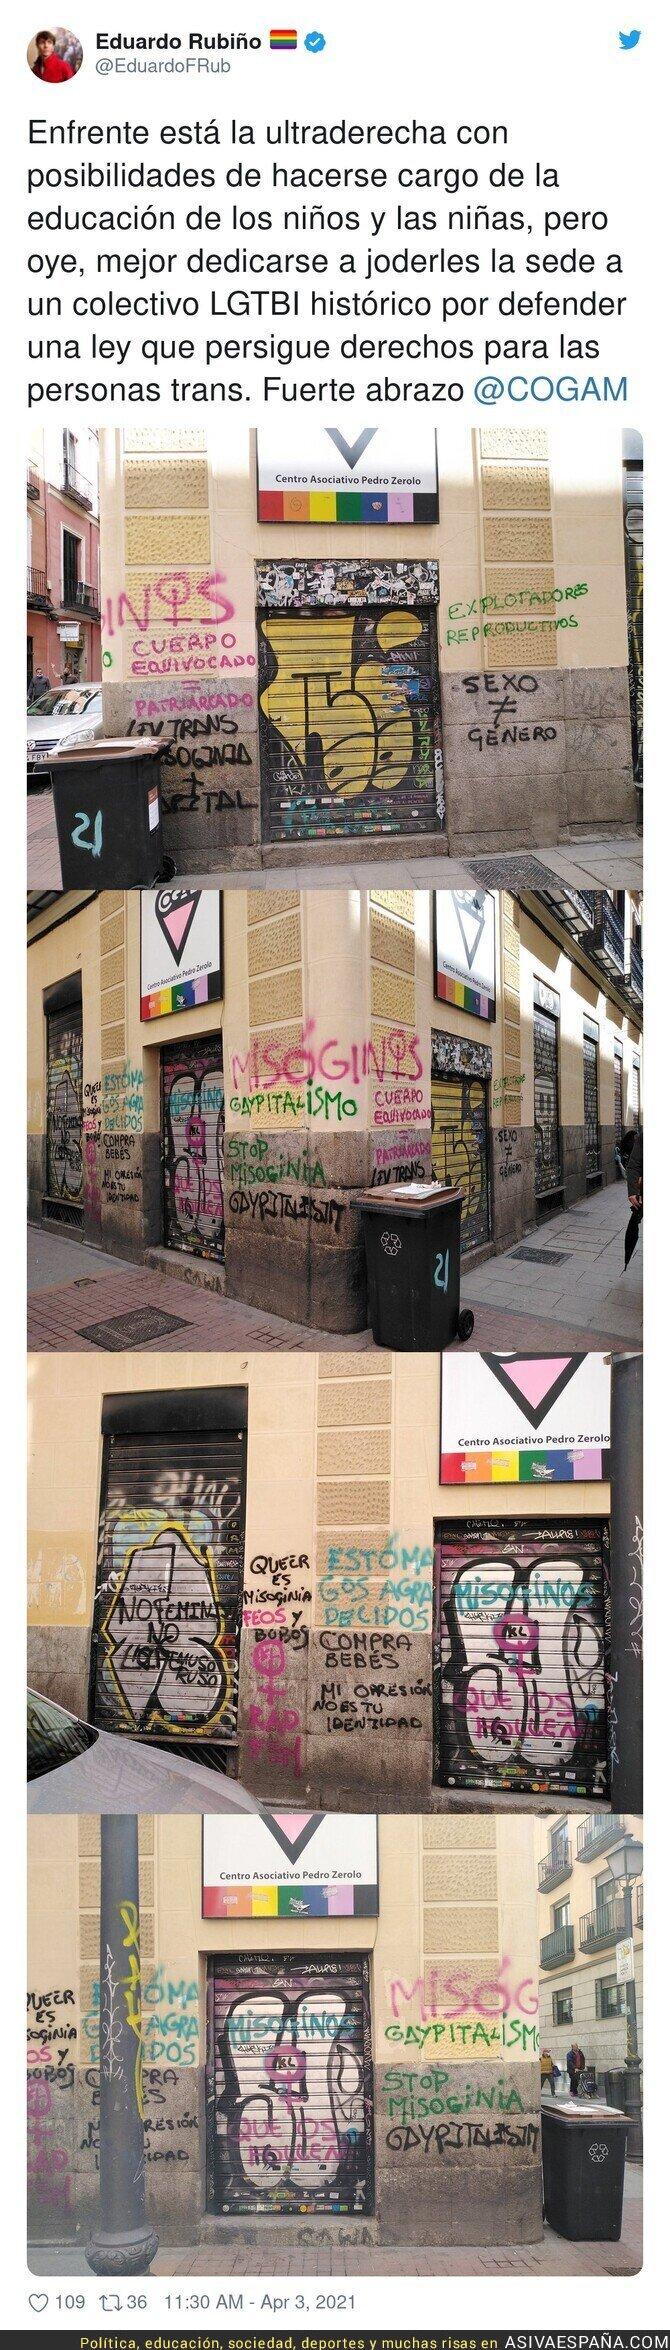 679226 - Es tristísimo lo que se está viviendo en España...